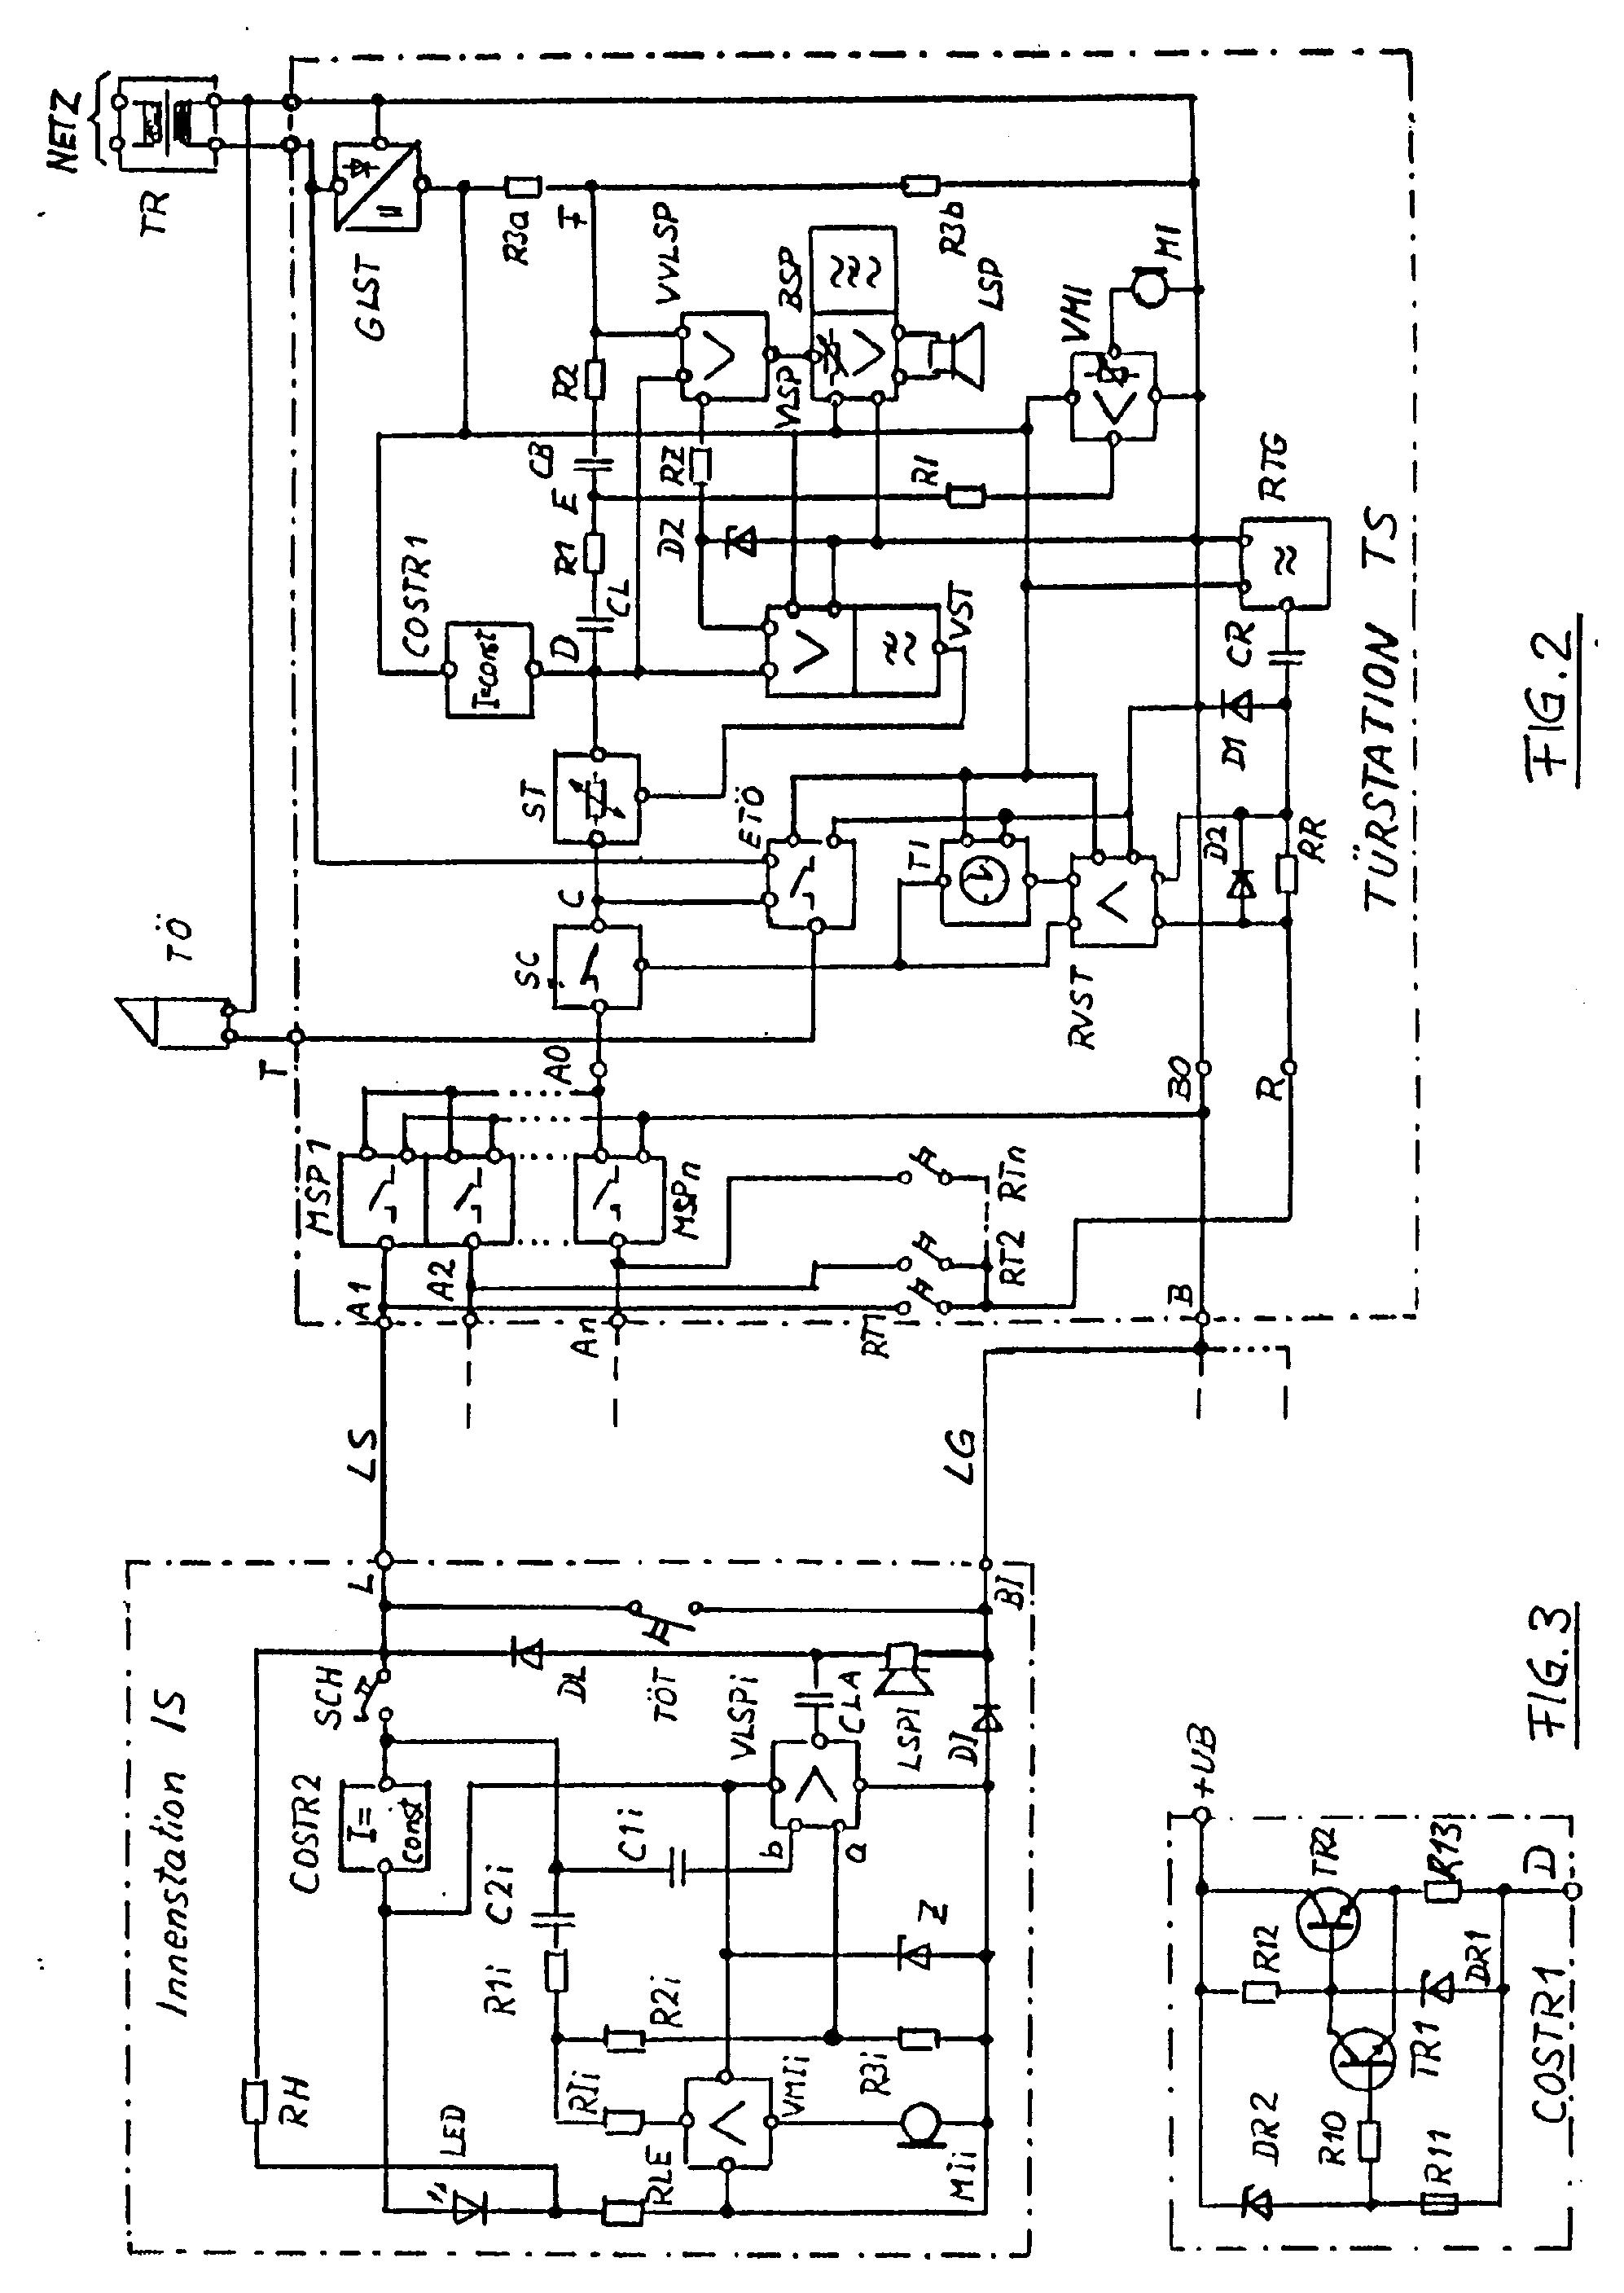 Nett 4 Draht Anschlussdiagramm Galerie - Elektrische Schaltplan ...